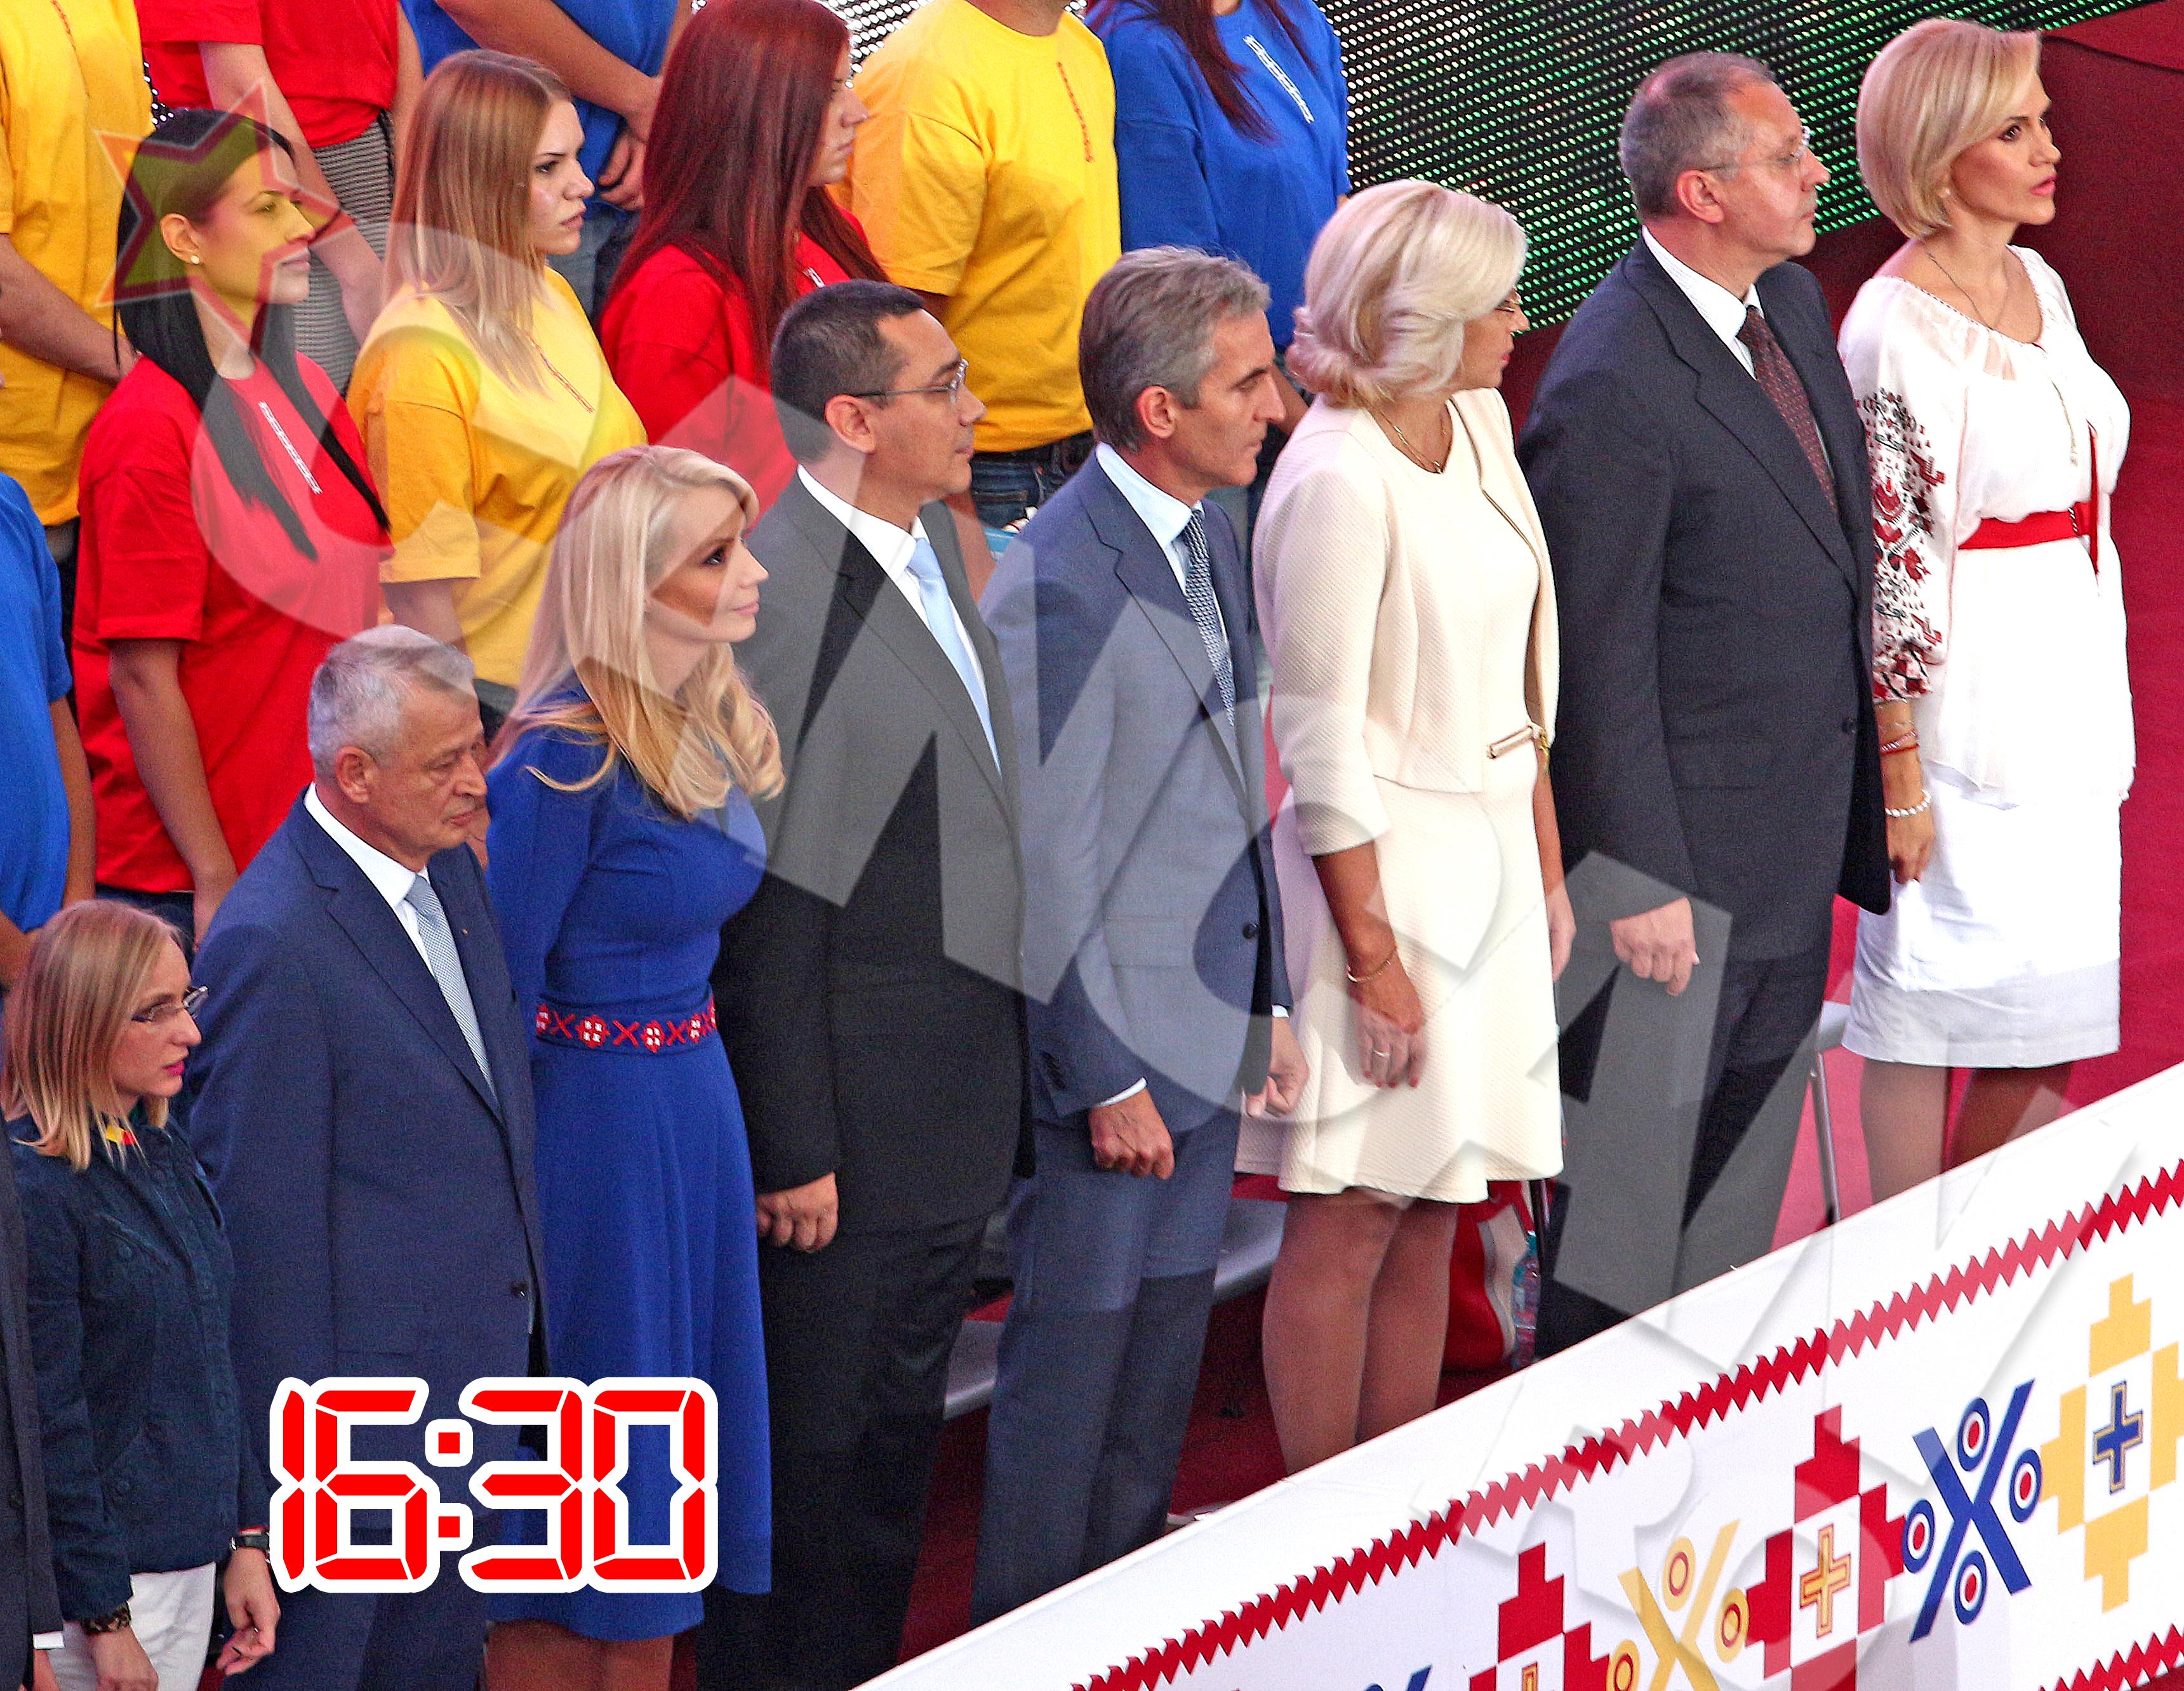 Premierul Victor Ponta si sotia lui au fost incercati de o mare emotie la intonarea imnului national